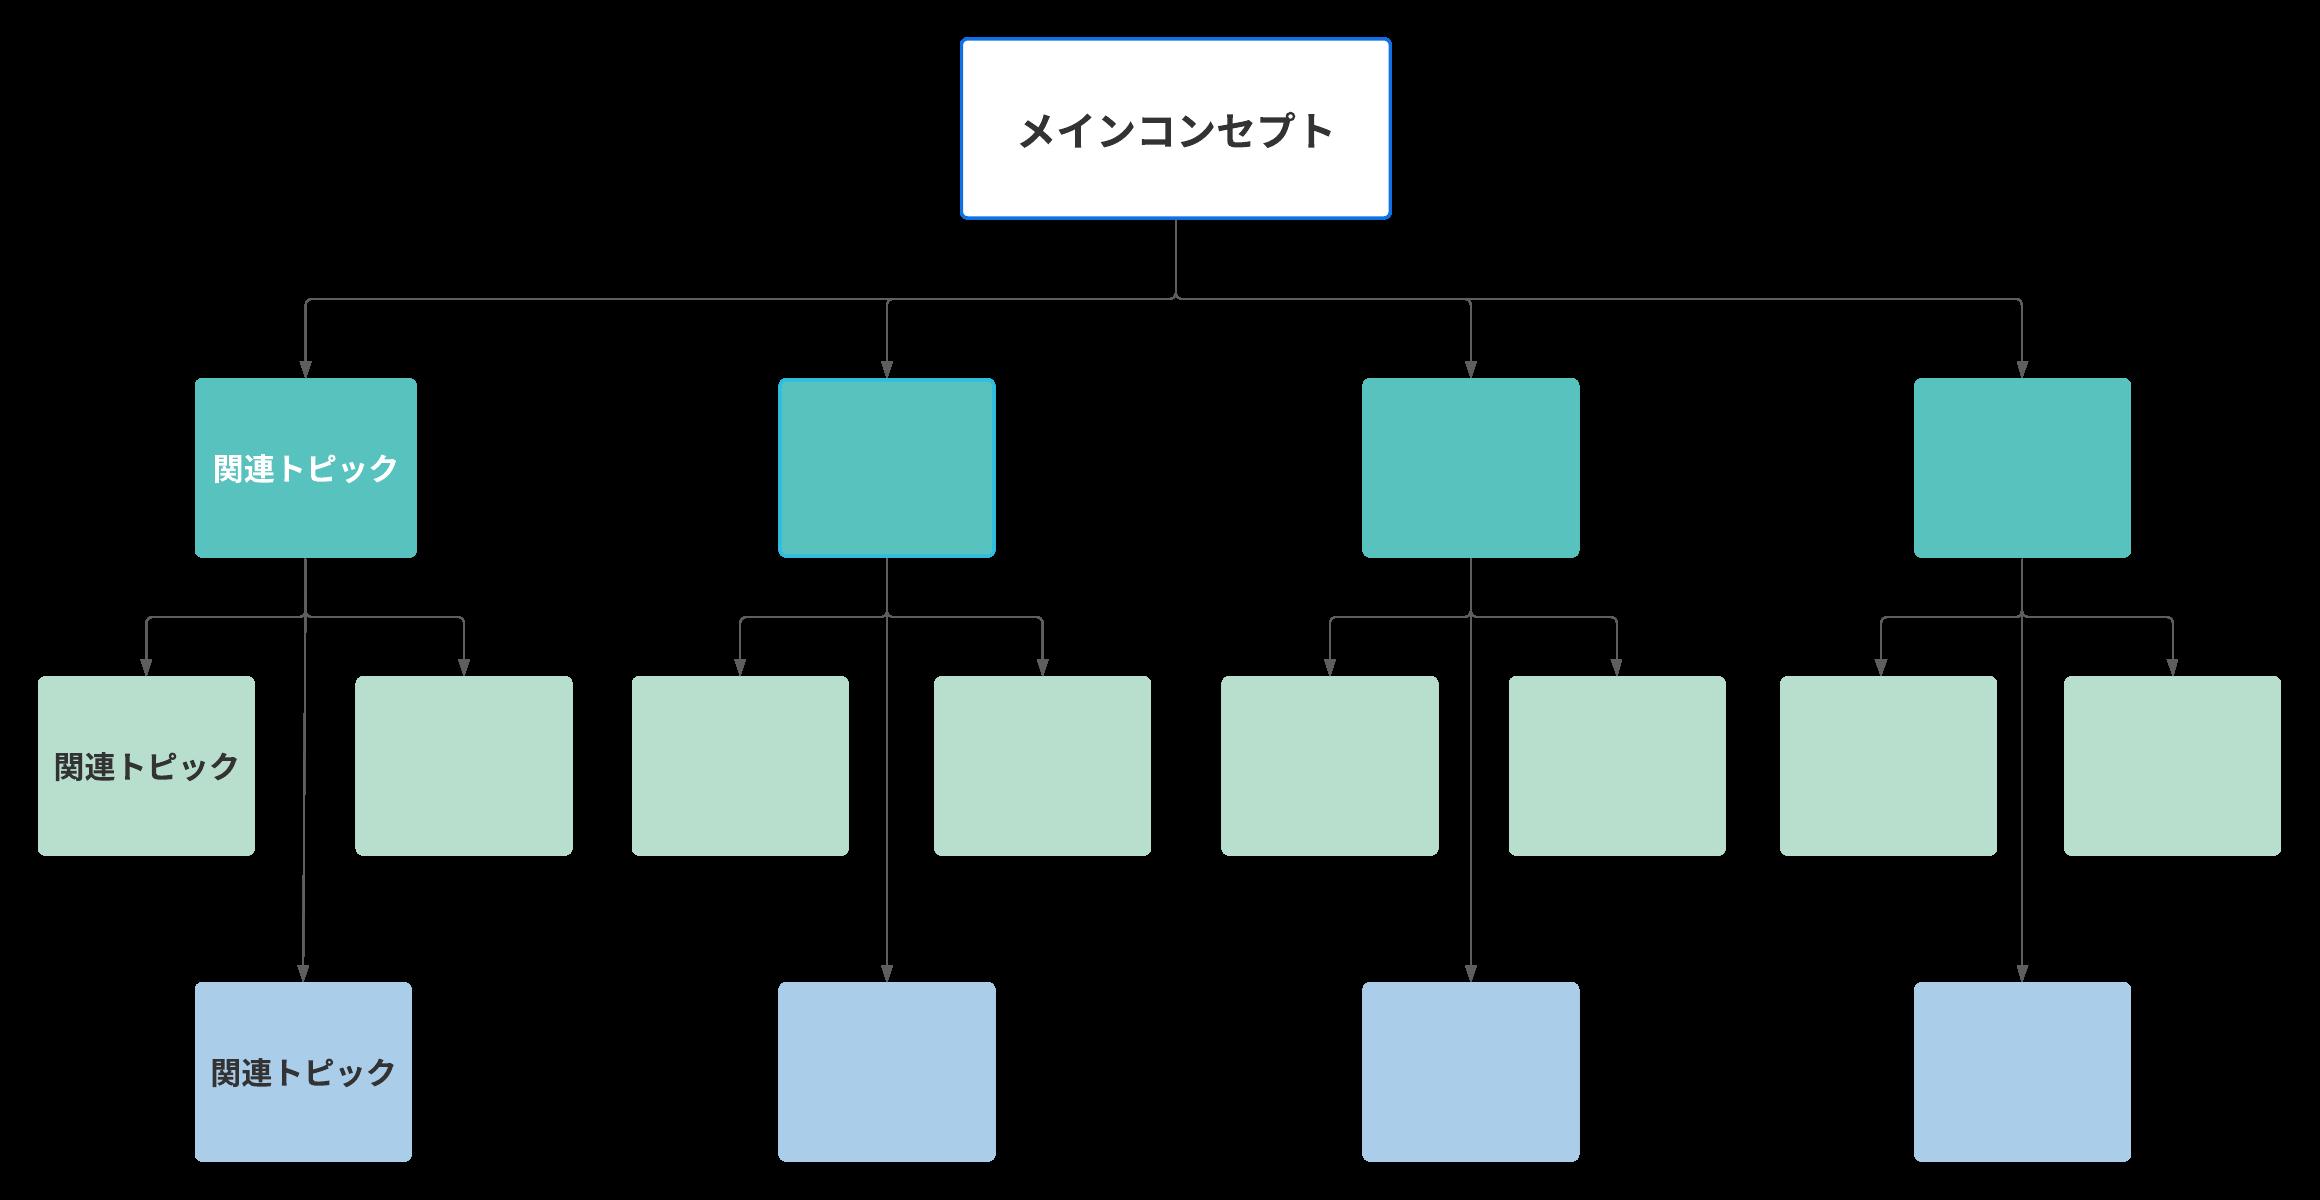 階層コンセプトマップの例